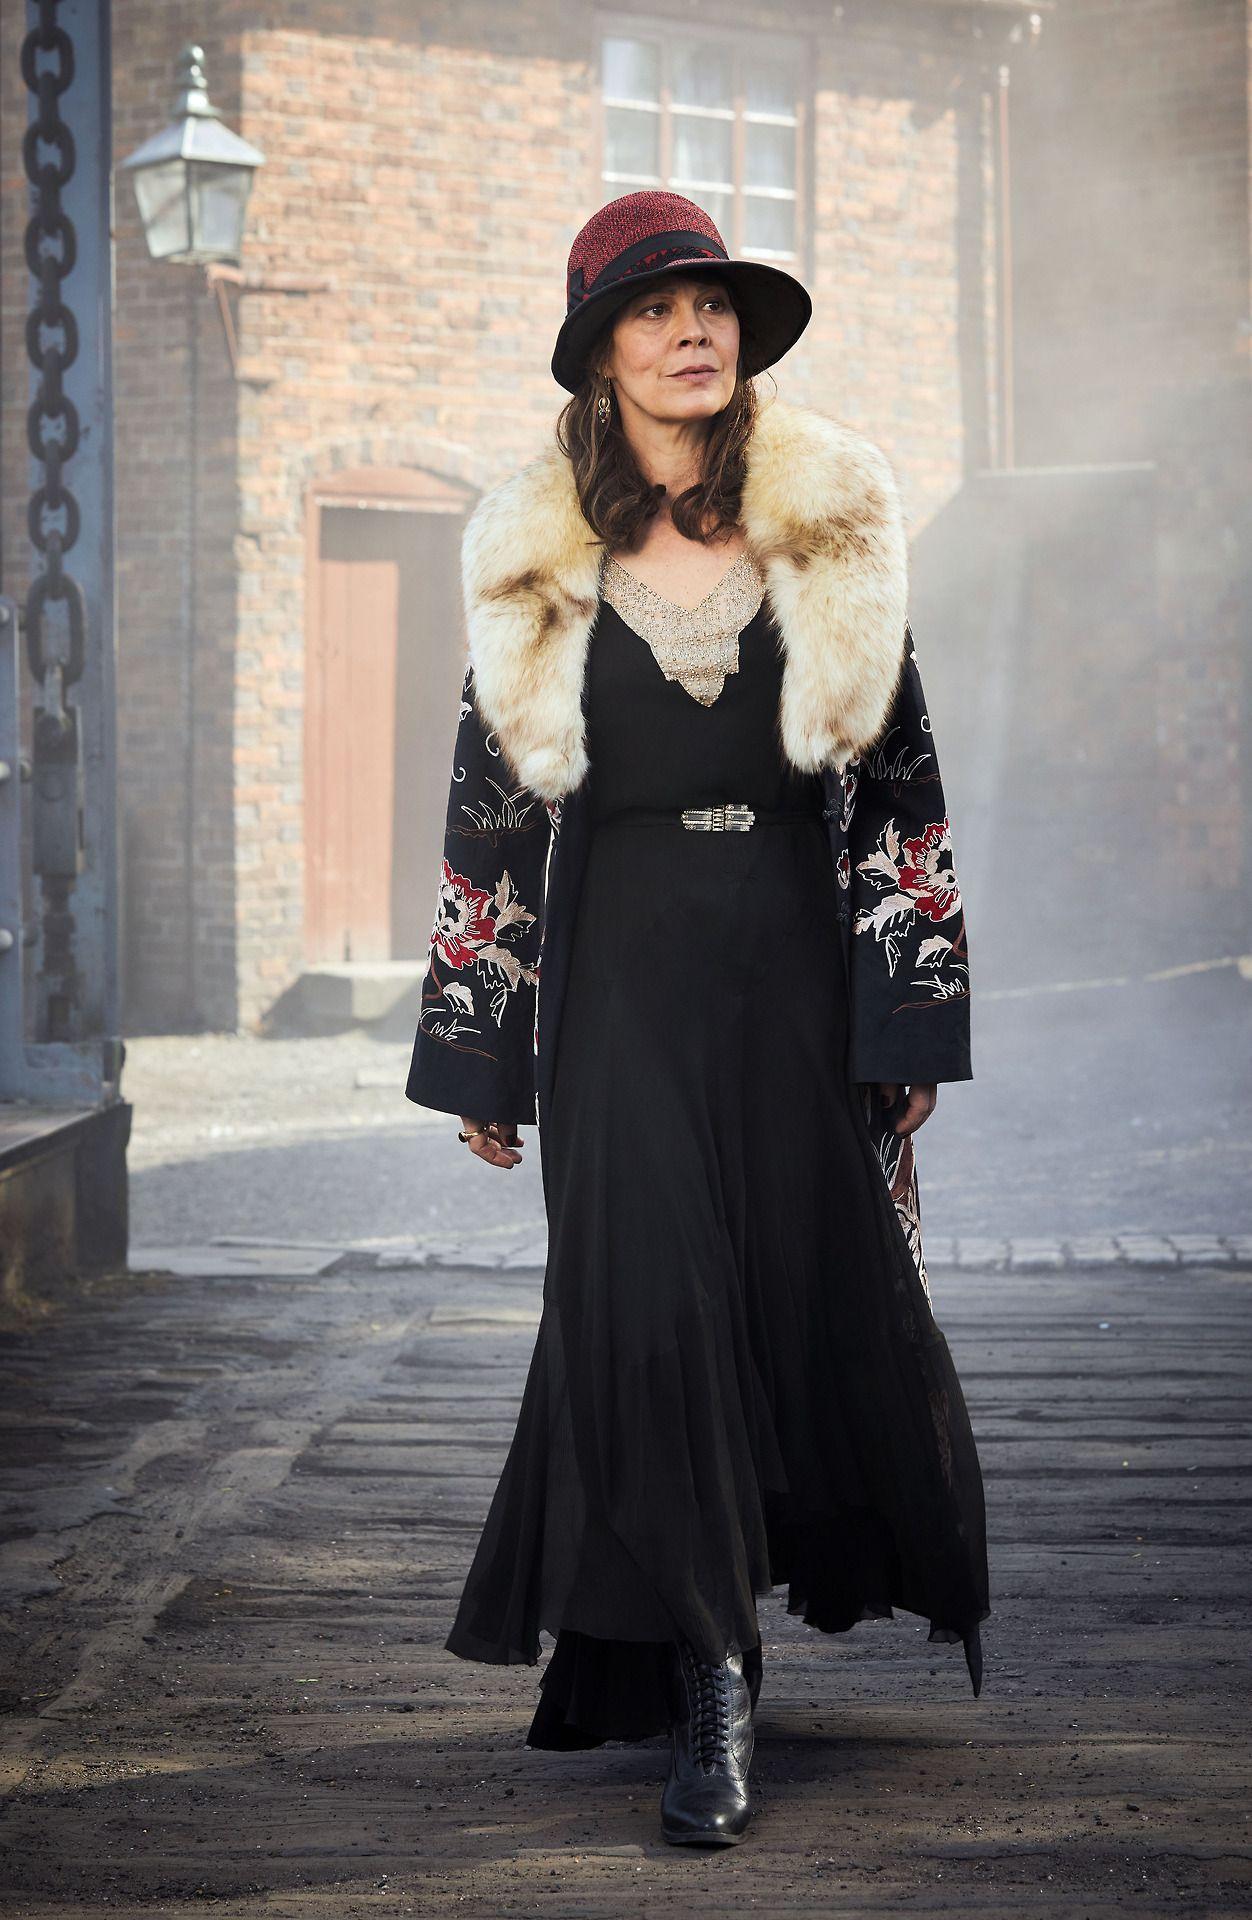 Helen McCrory as Aunt Polly in Peaky Blinders S4 (photos ...